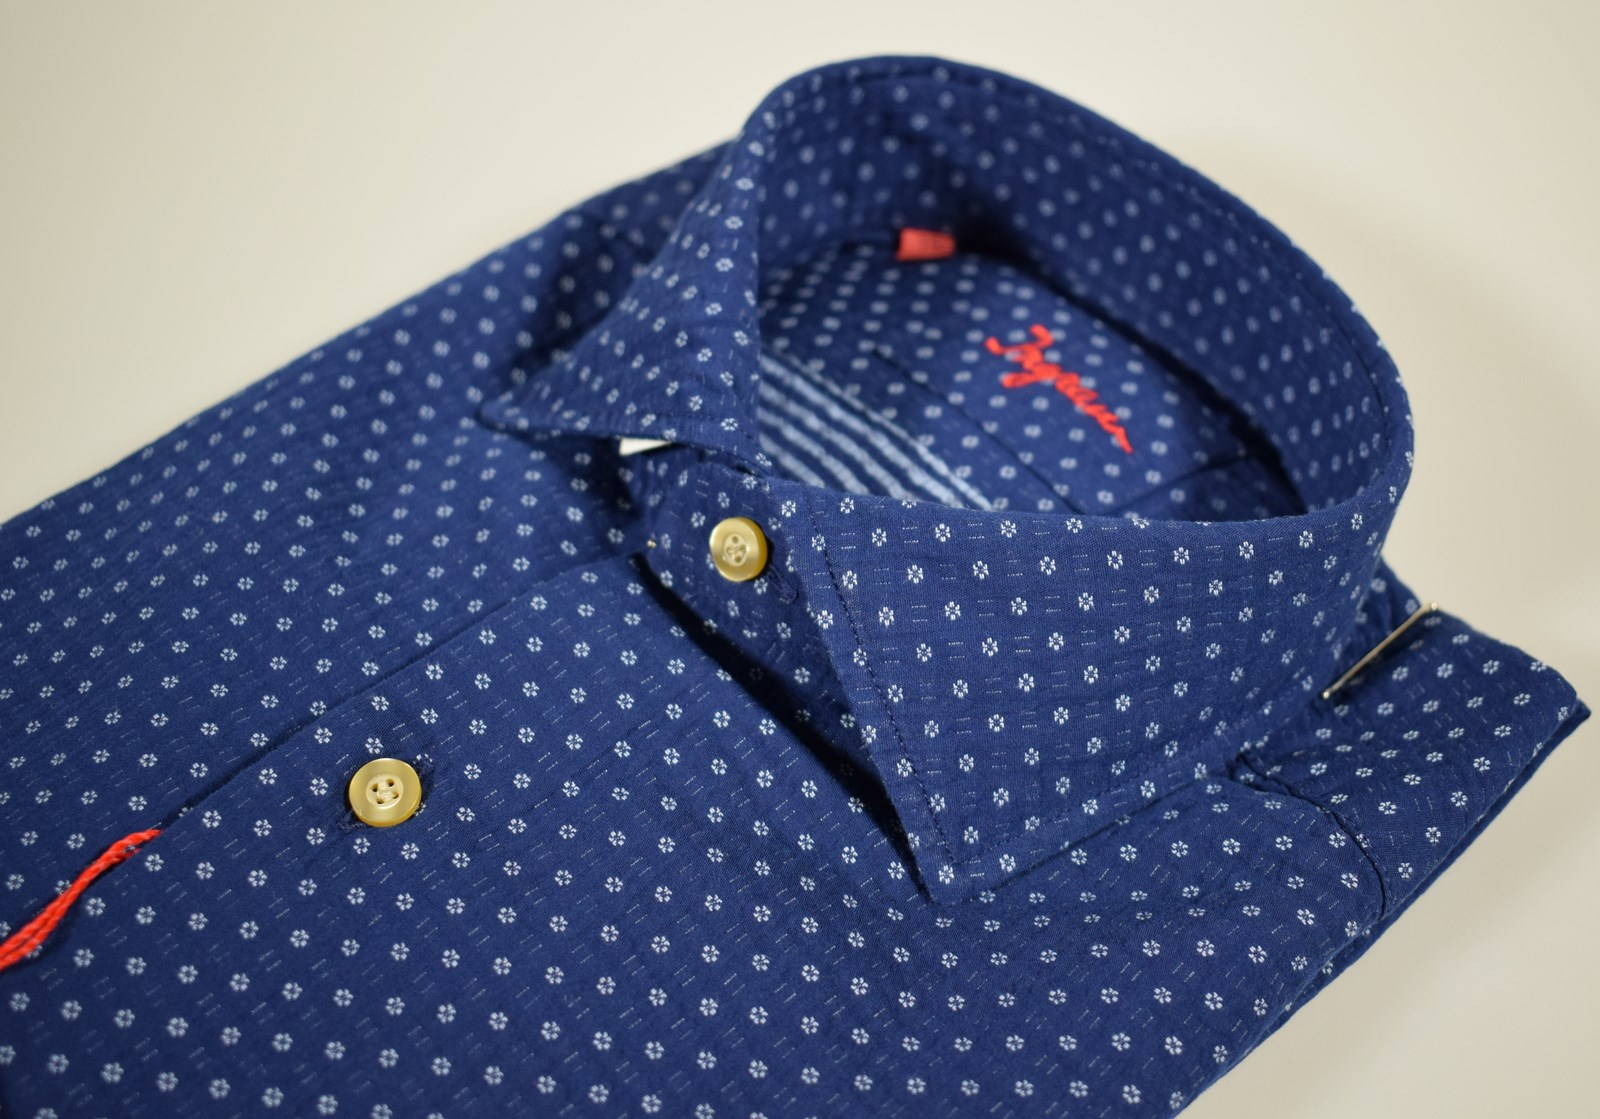 timeless design 2ff31 50991 Collezione autunno inverno camicie moda uomo Ingram saldi online